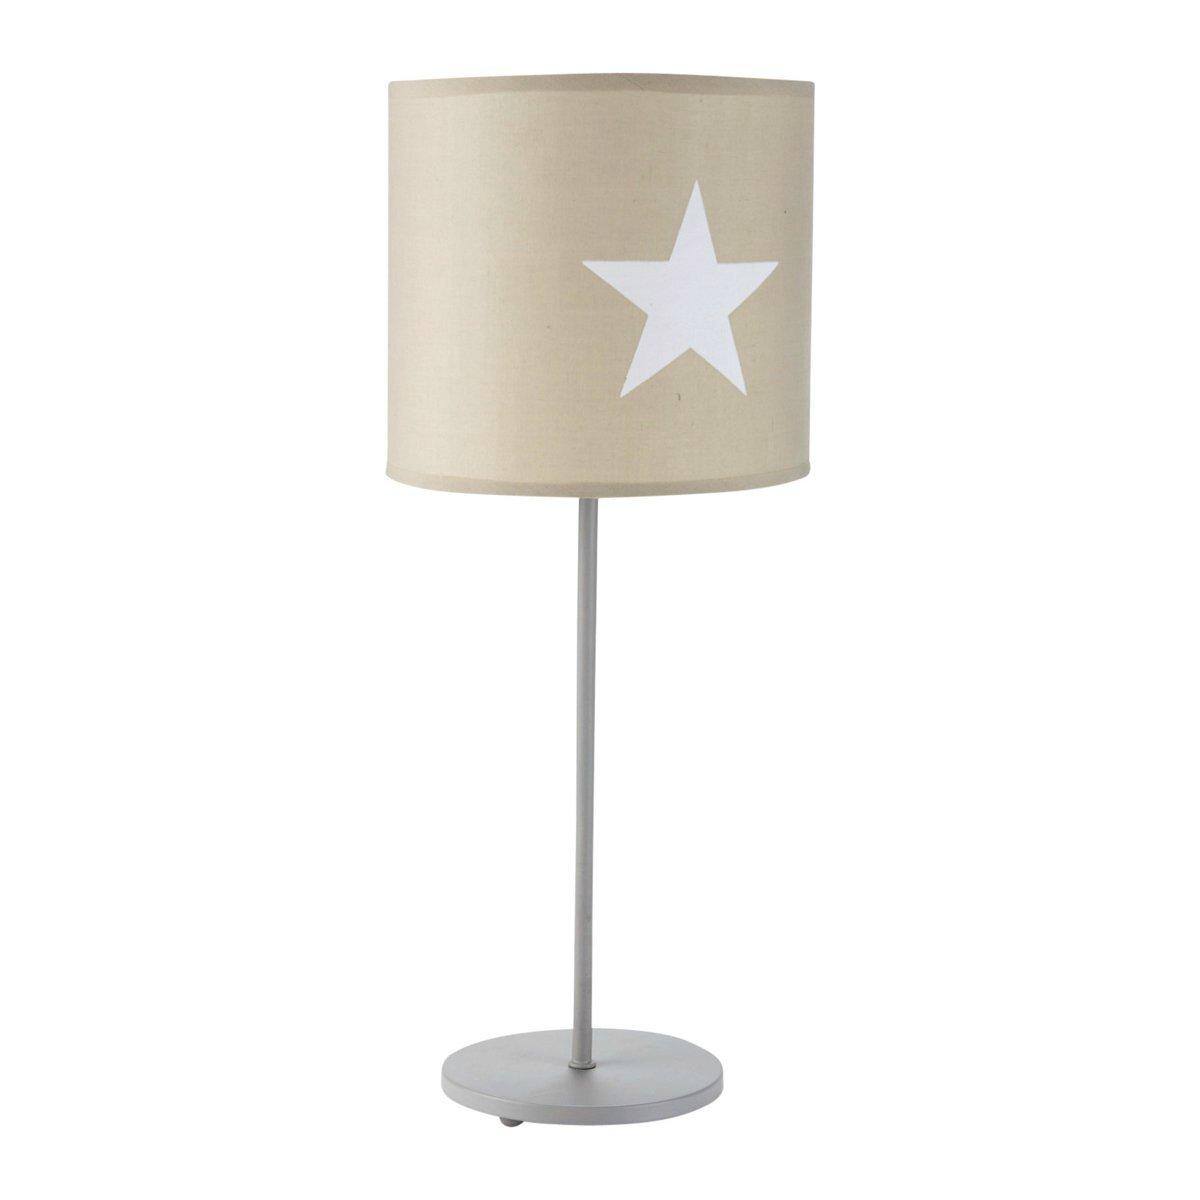 maisons du monde lampadaire simple veilleuse pour salon. Black Bedroom Furniture Sets. Home Design Ideas